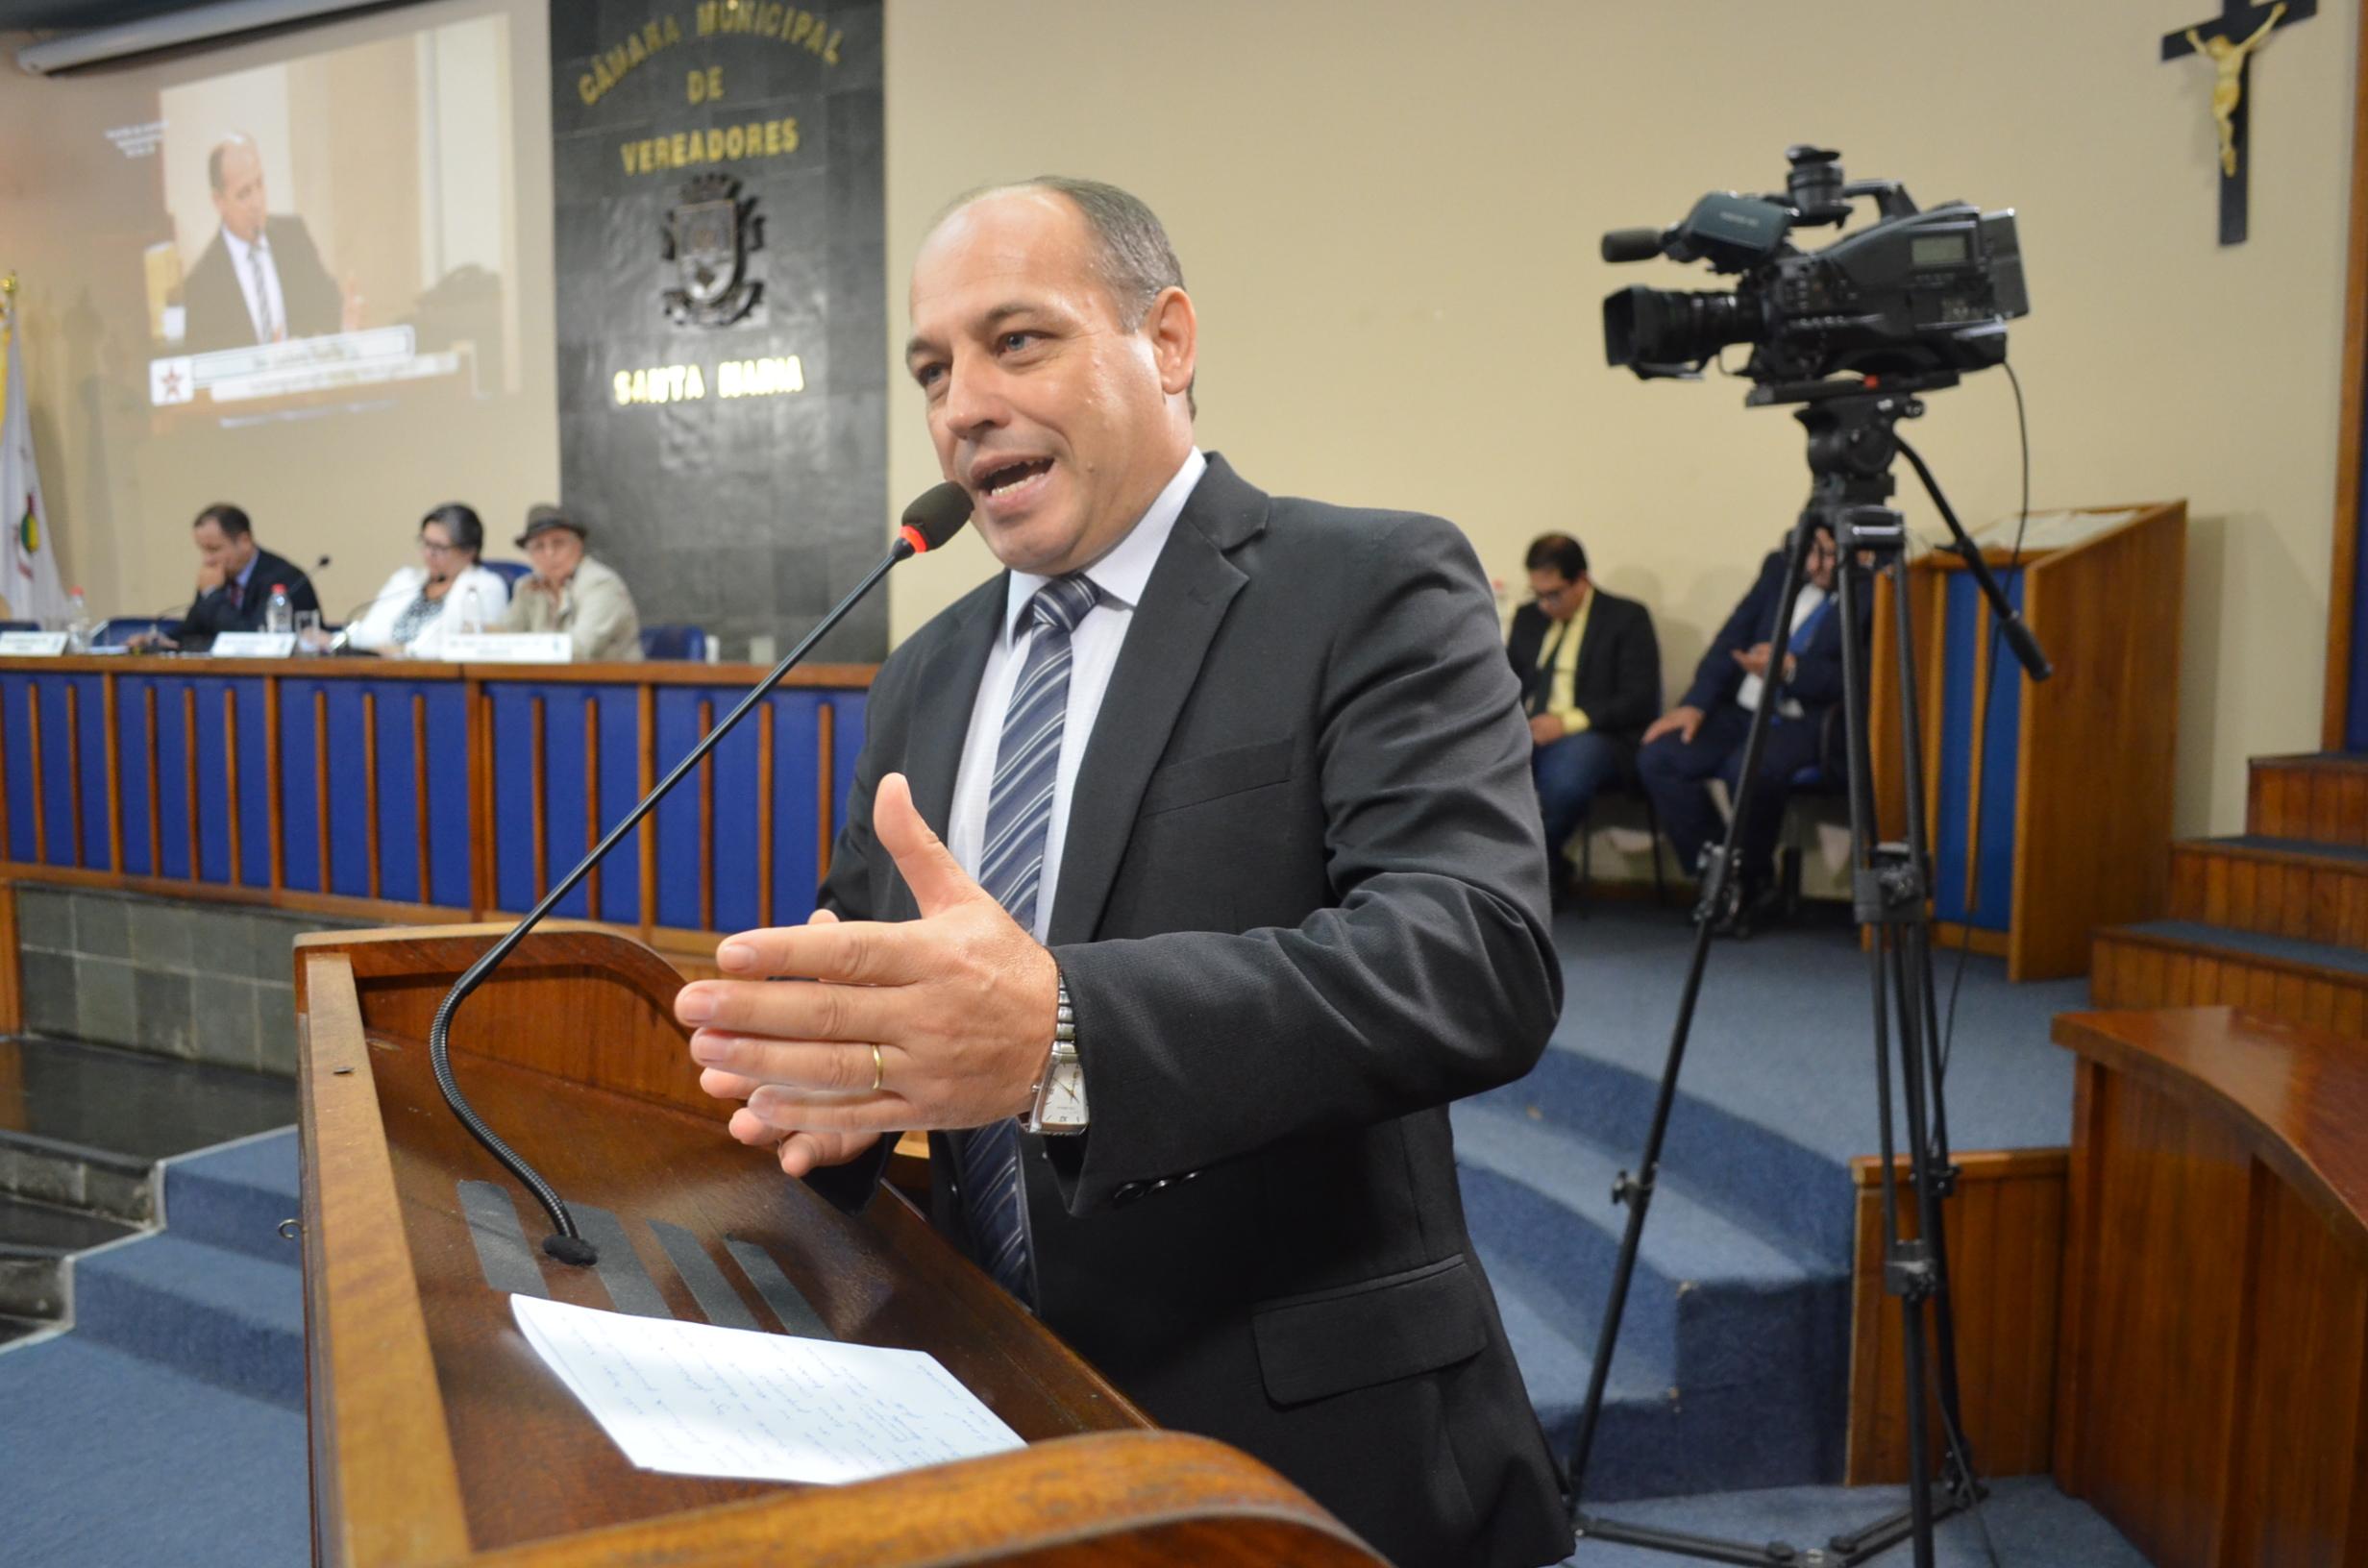 Foto de BASTIDORES. O nome da vez no PT, eleição no PP, PTB, caça aos líderes comunitários e uma nova CPI